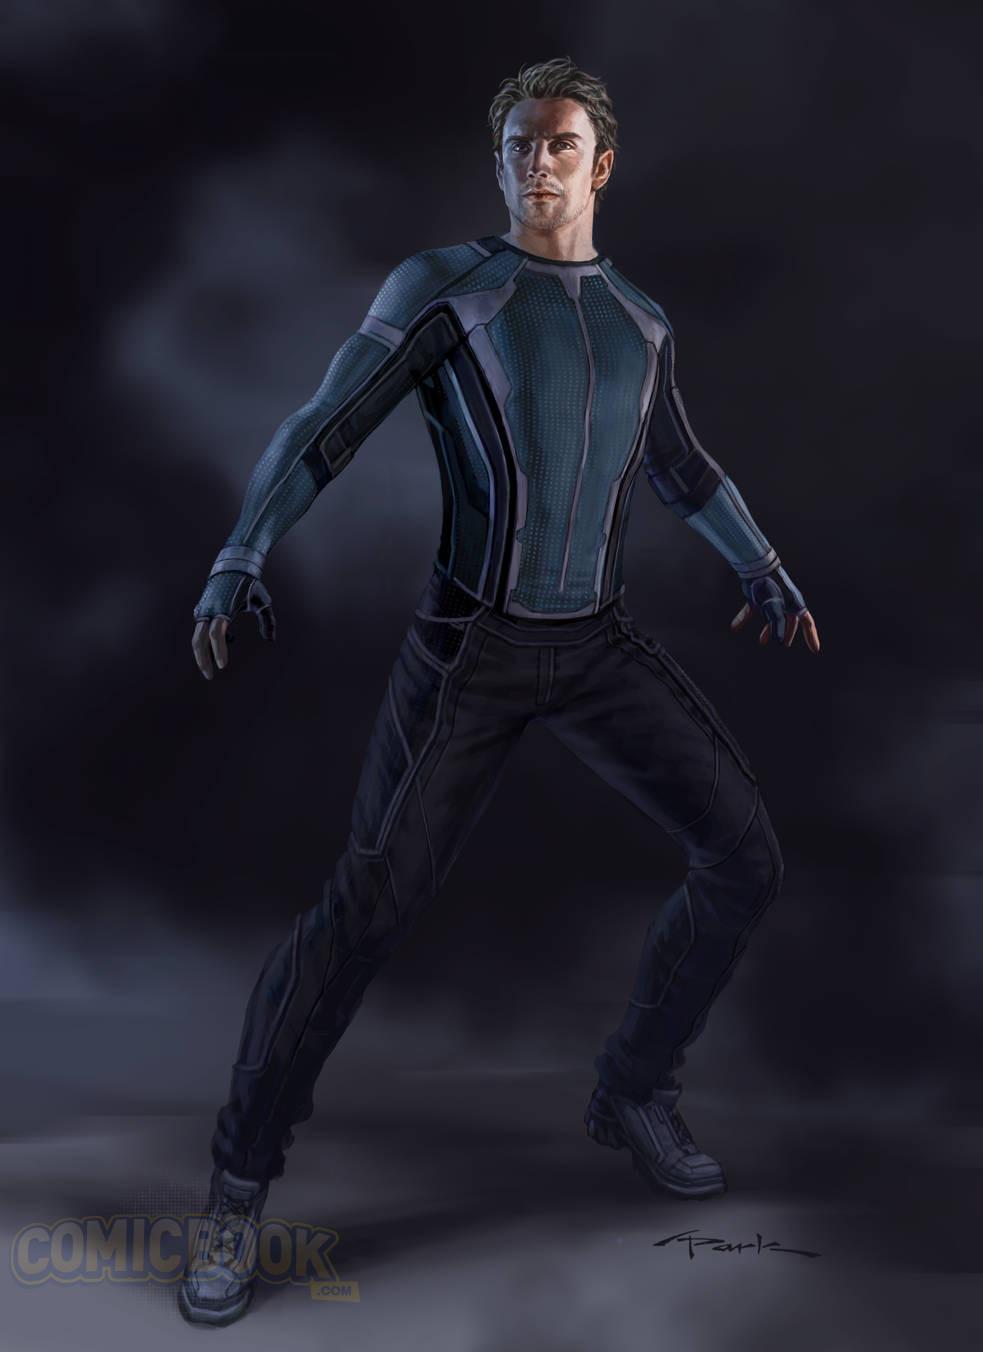 [Marvel] Avengers : L'Ère d'Ultron (2015) - Page 16 Avengers-age-of-ultron-concept-art-quicksilver-design